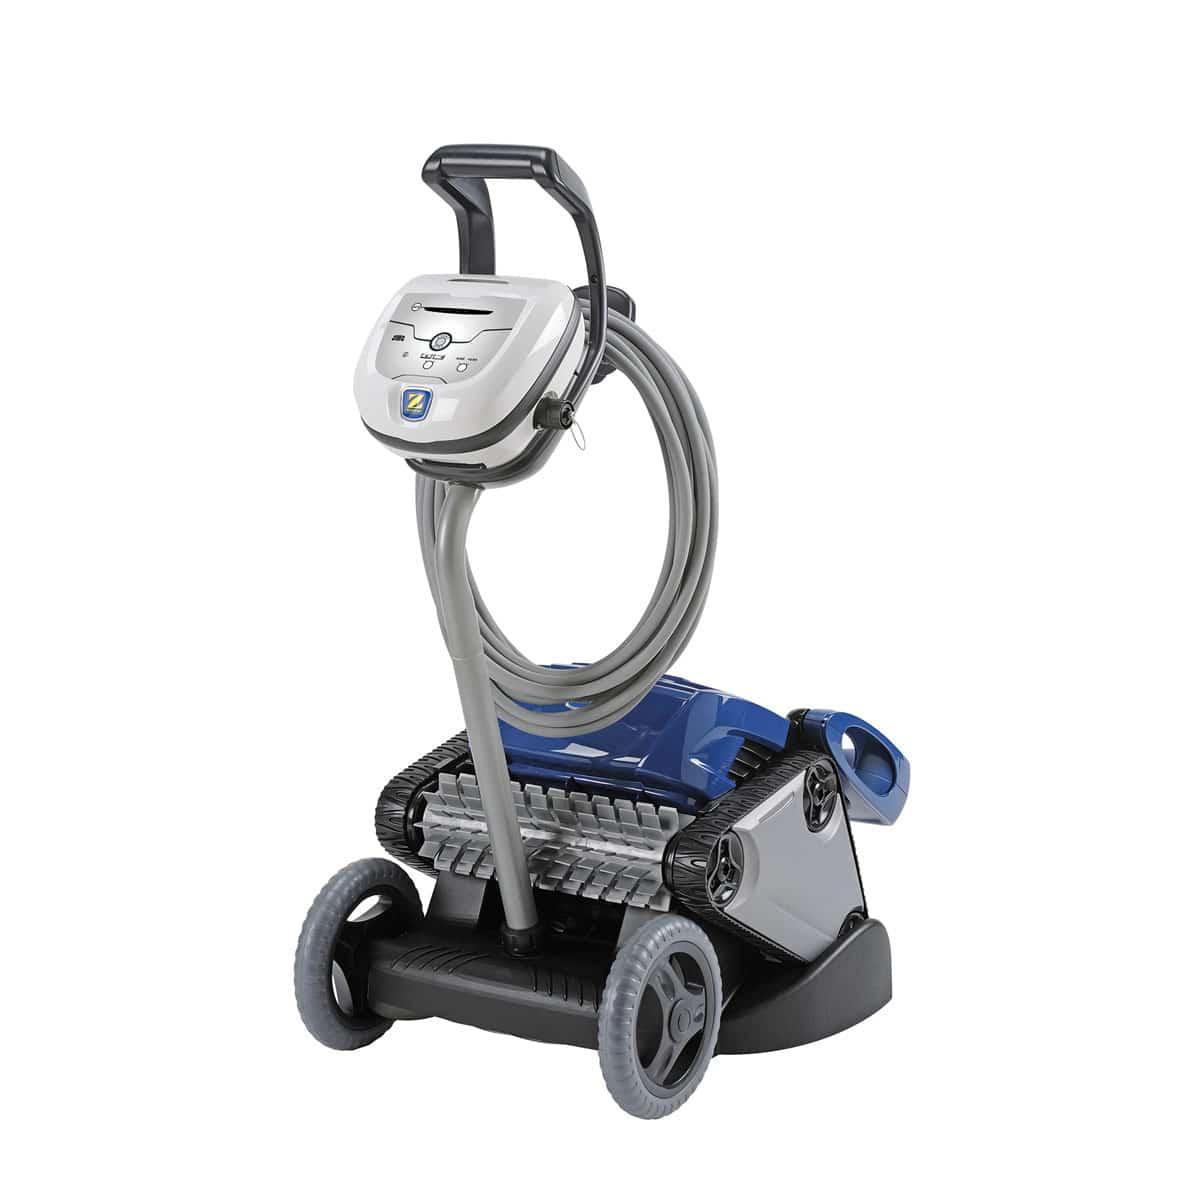 Robot Nettoyeur Électrique Rc4400 | Zodiac concernant Robot Piscine Zodiac Rc 4400